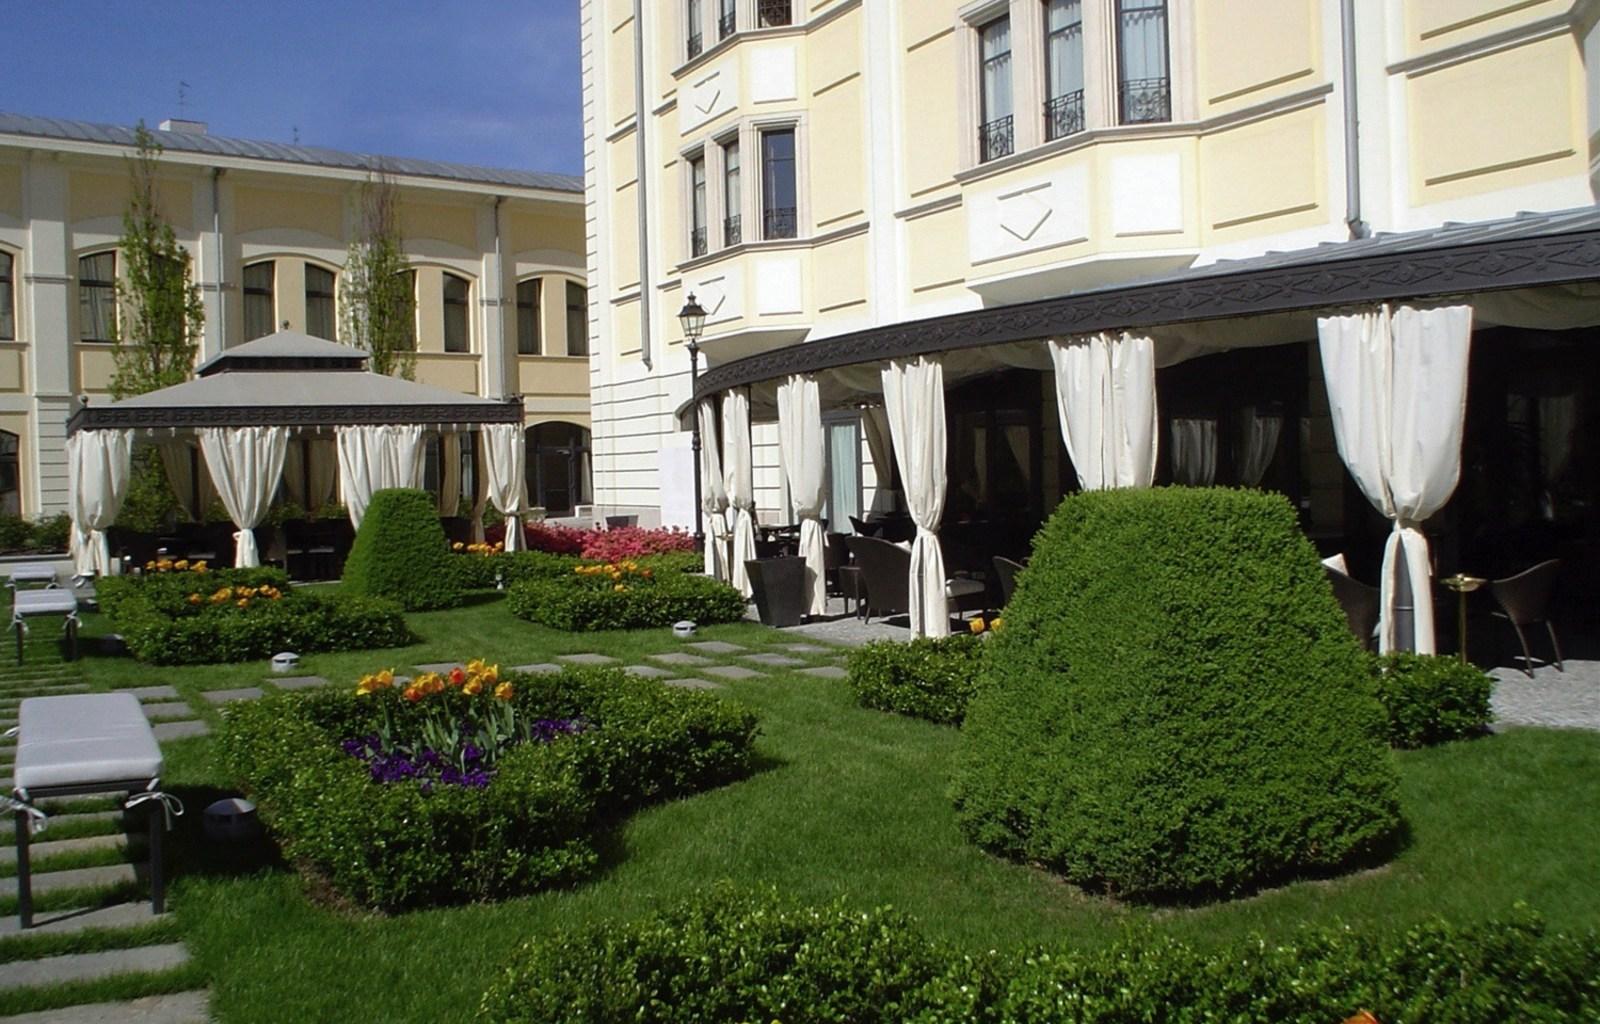 Visconti_Palace_Giardino